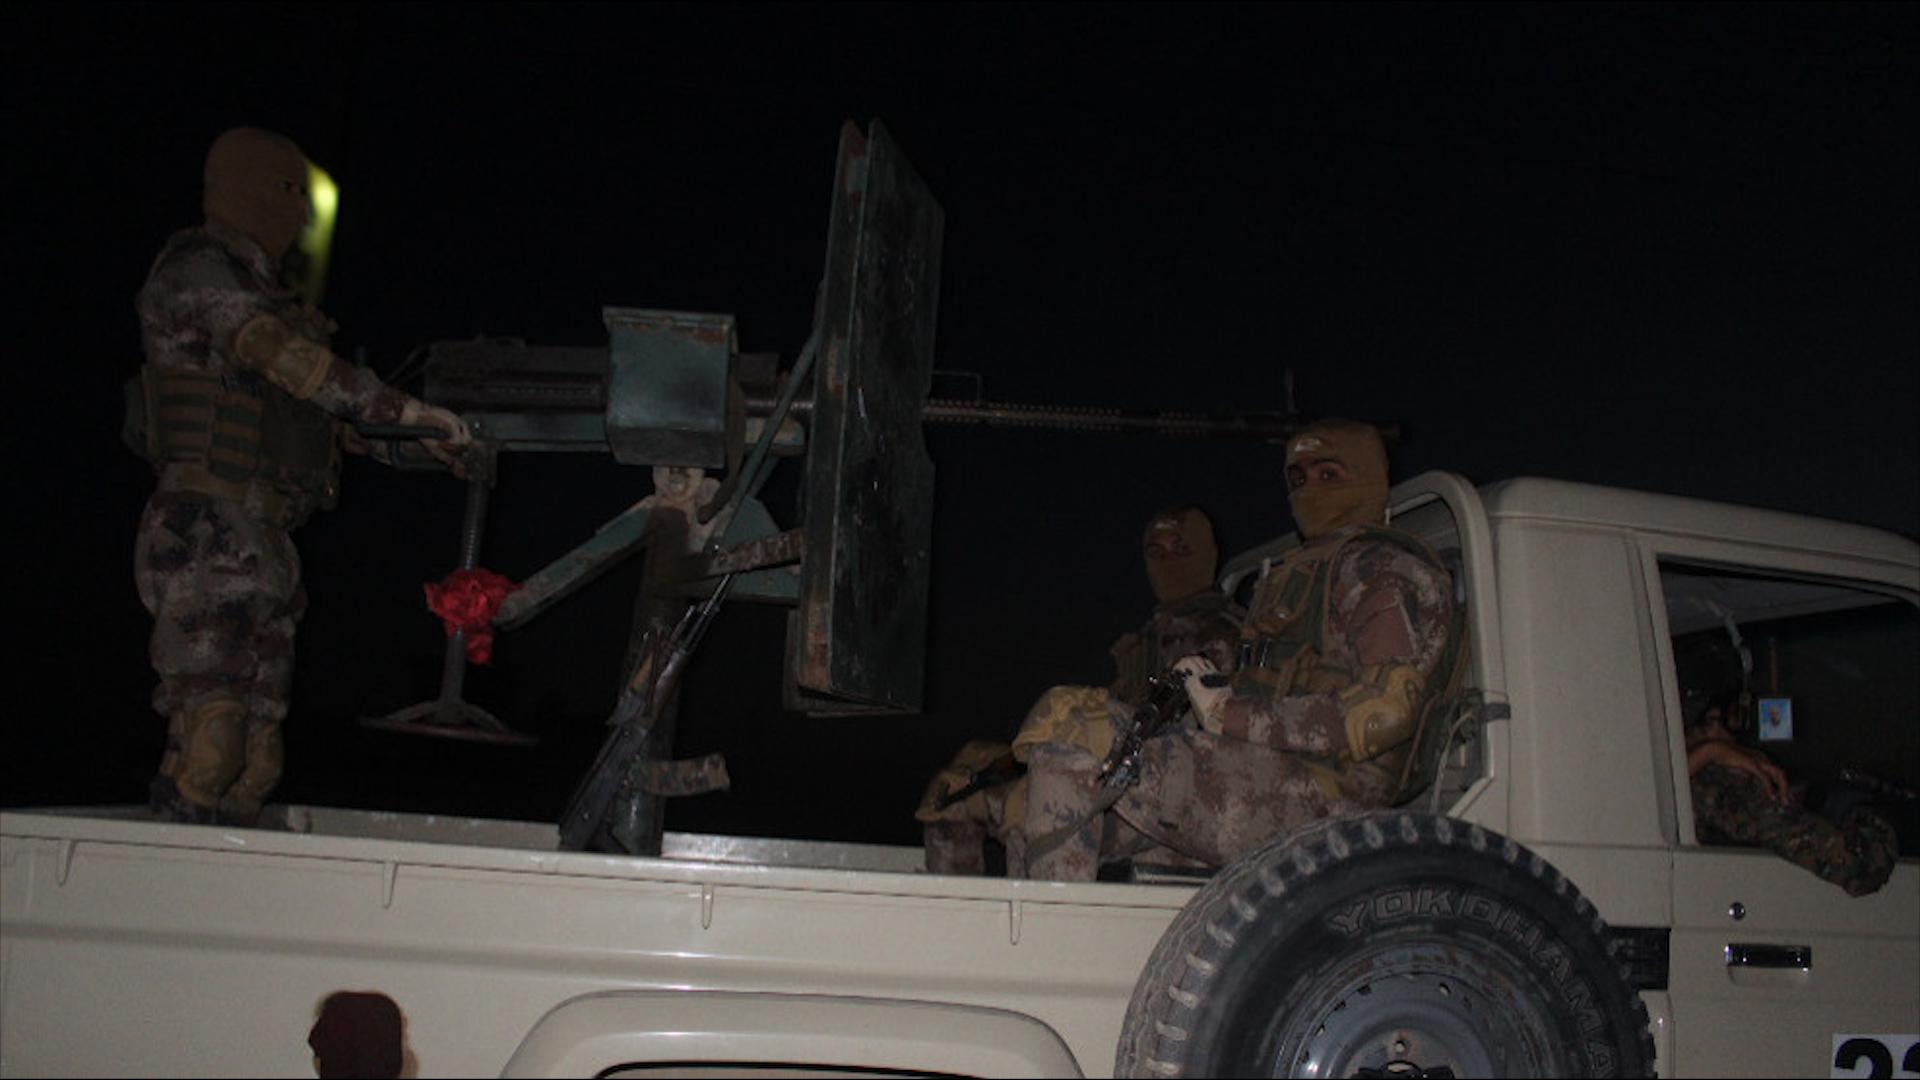 صورة وحدات مقاومة شنكال وحماية المرأة والجيش العراقي يبدؤون حملة عسكرية في قرية سولاغ